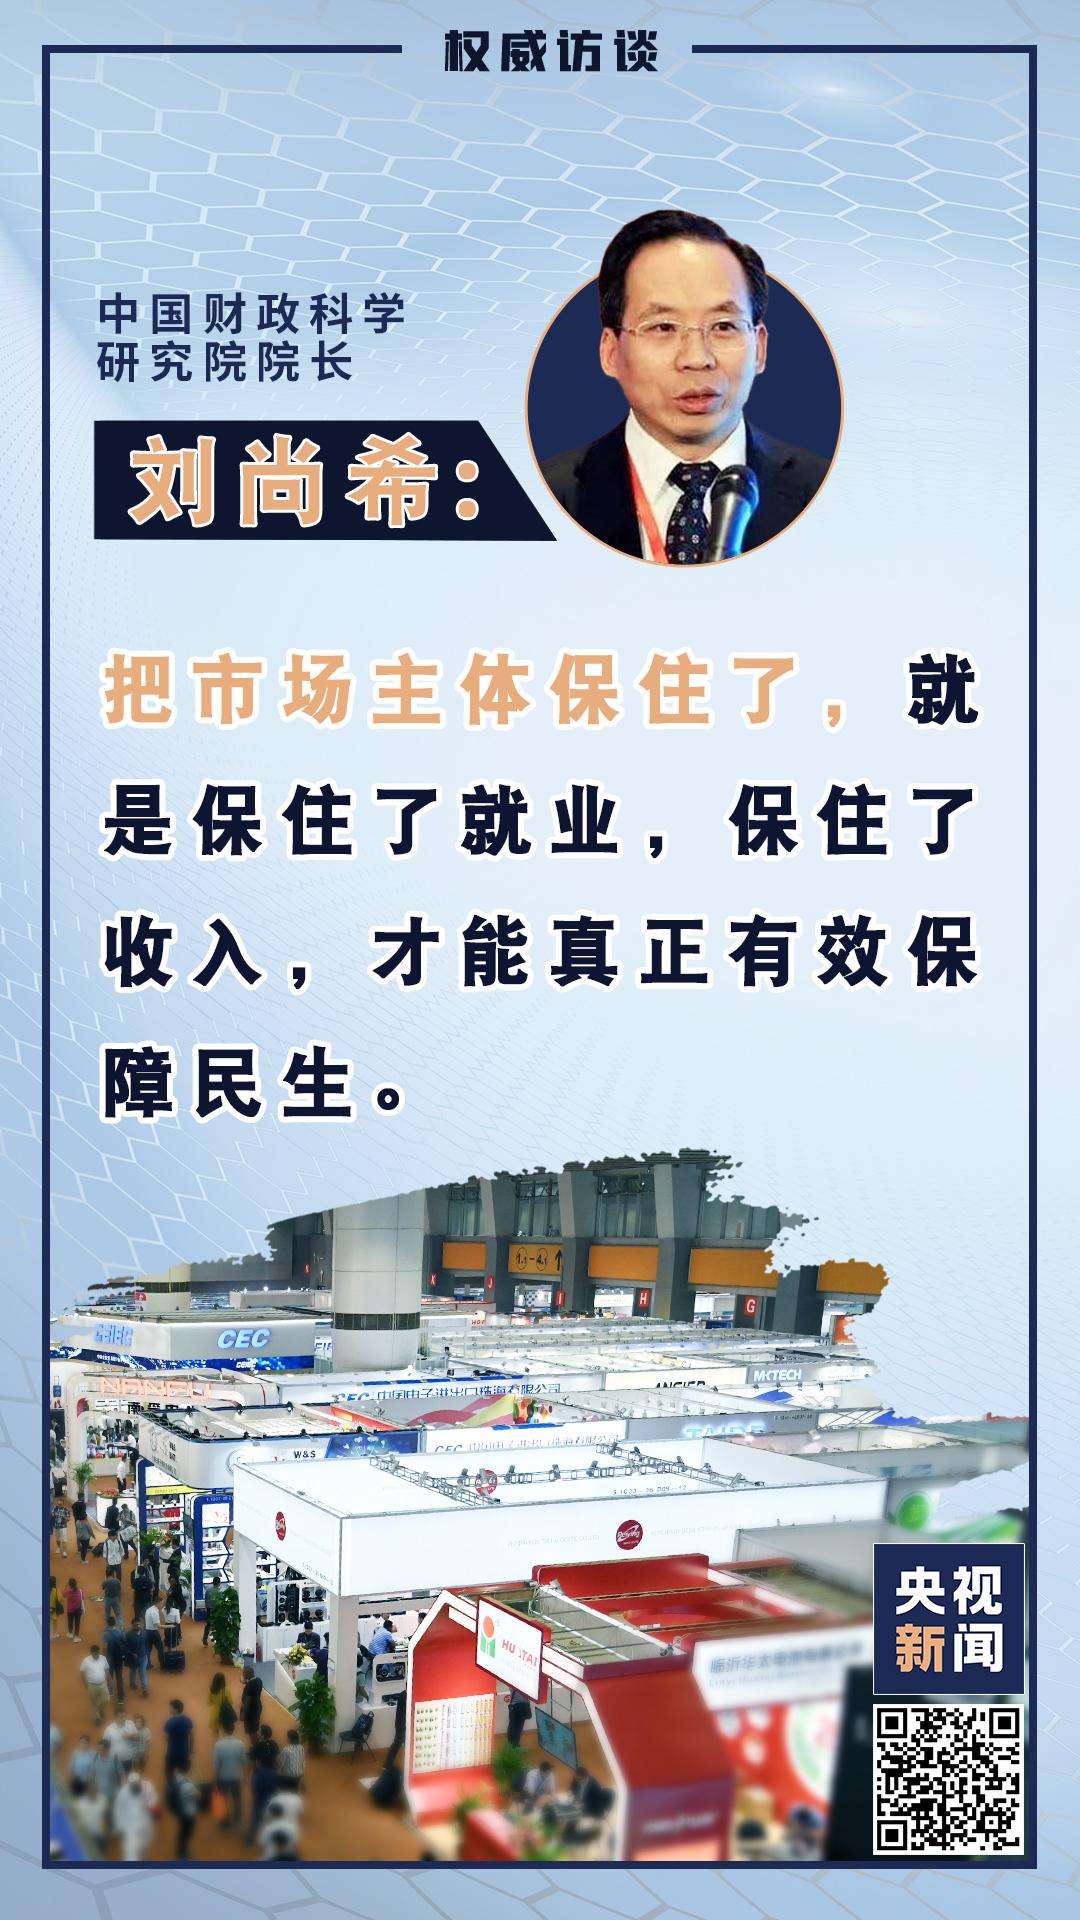 摩登3平台注册权威访谈丨刘尚希:保护市场主体 加快形成新发展格局